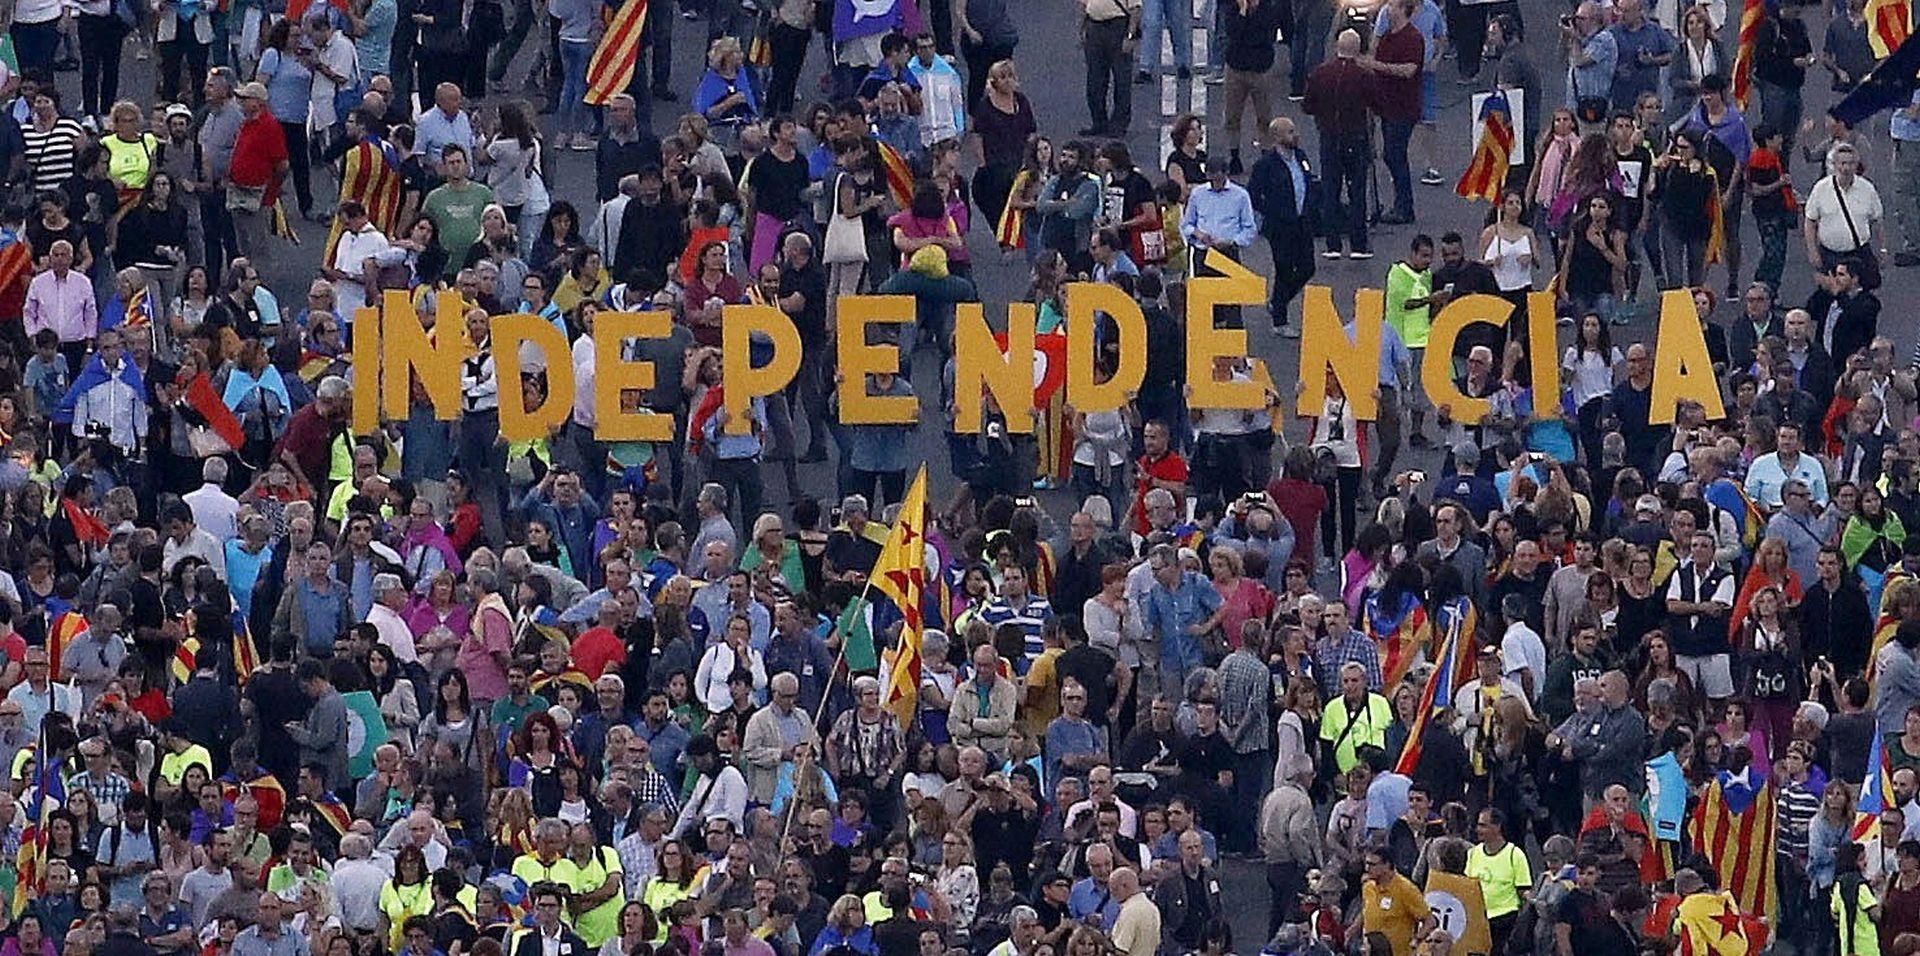 IZLAZNOST 43 % Katalonija – 90,18 posto glasova za neovisnost